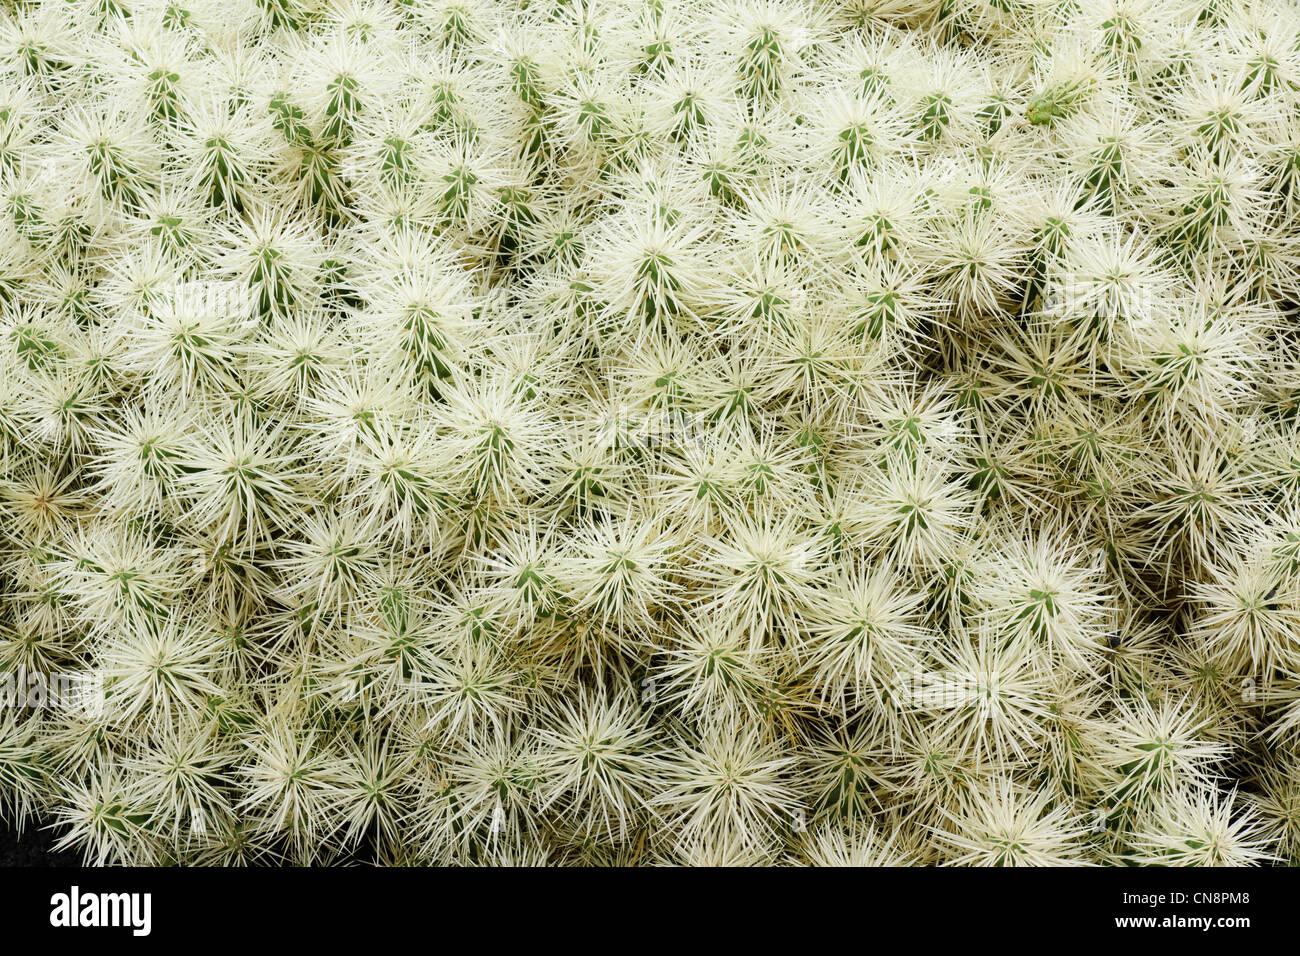 Lanzarote, Canary Islands - the Cactus Garden at Guatiza. Cactus Opuntia tunicata, Mexico. Stock Photo